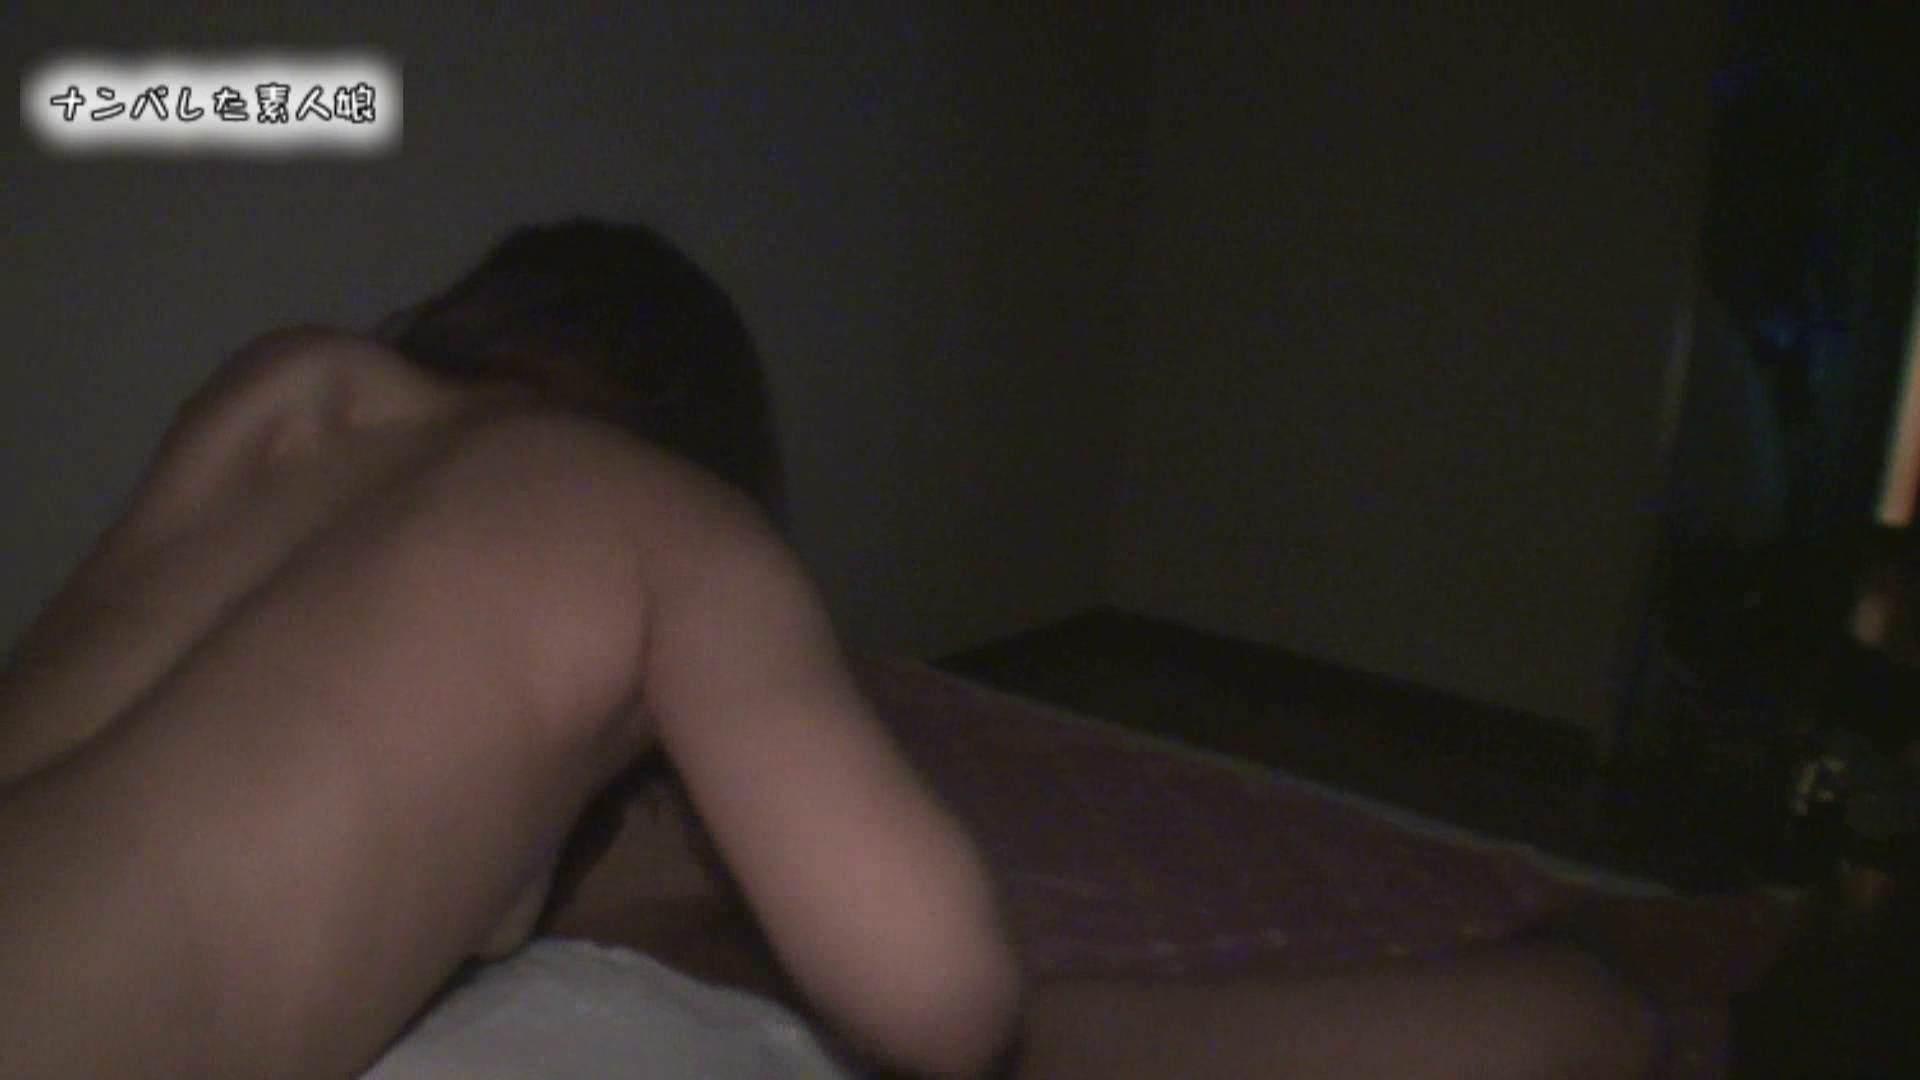 魅惑の化粧室~禁断のプライベート空間~ vol.2 エッチすぎるお姉さん ワレメ動画紹介 103連発 46